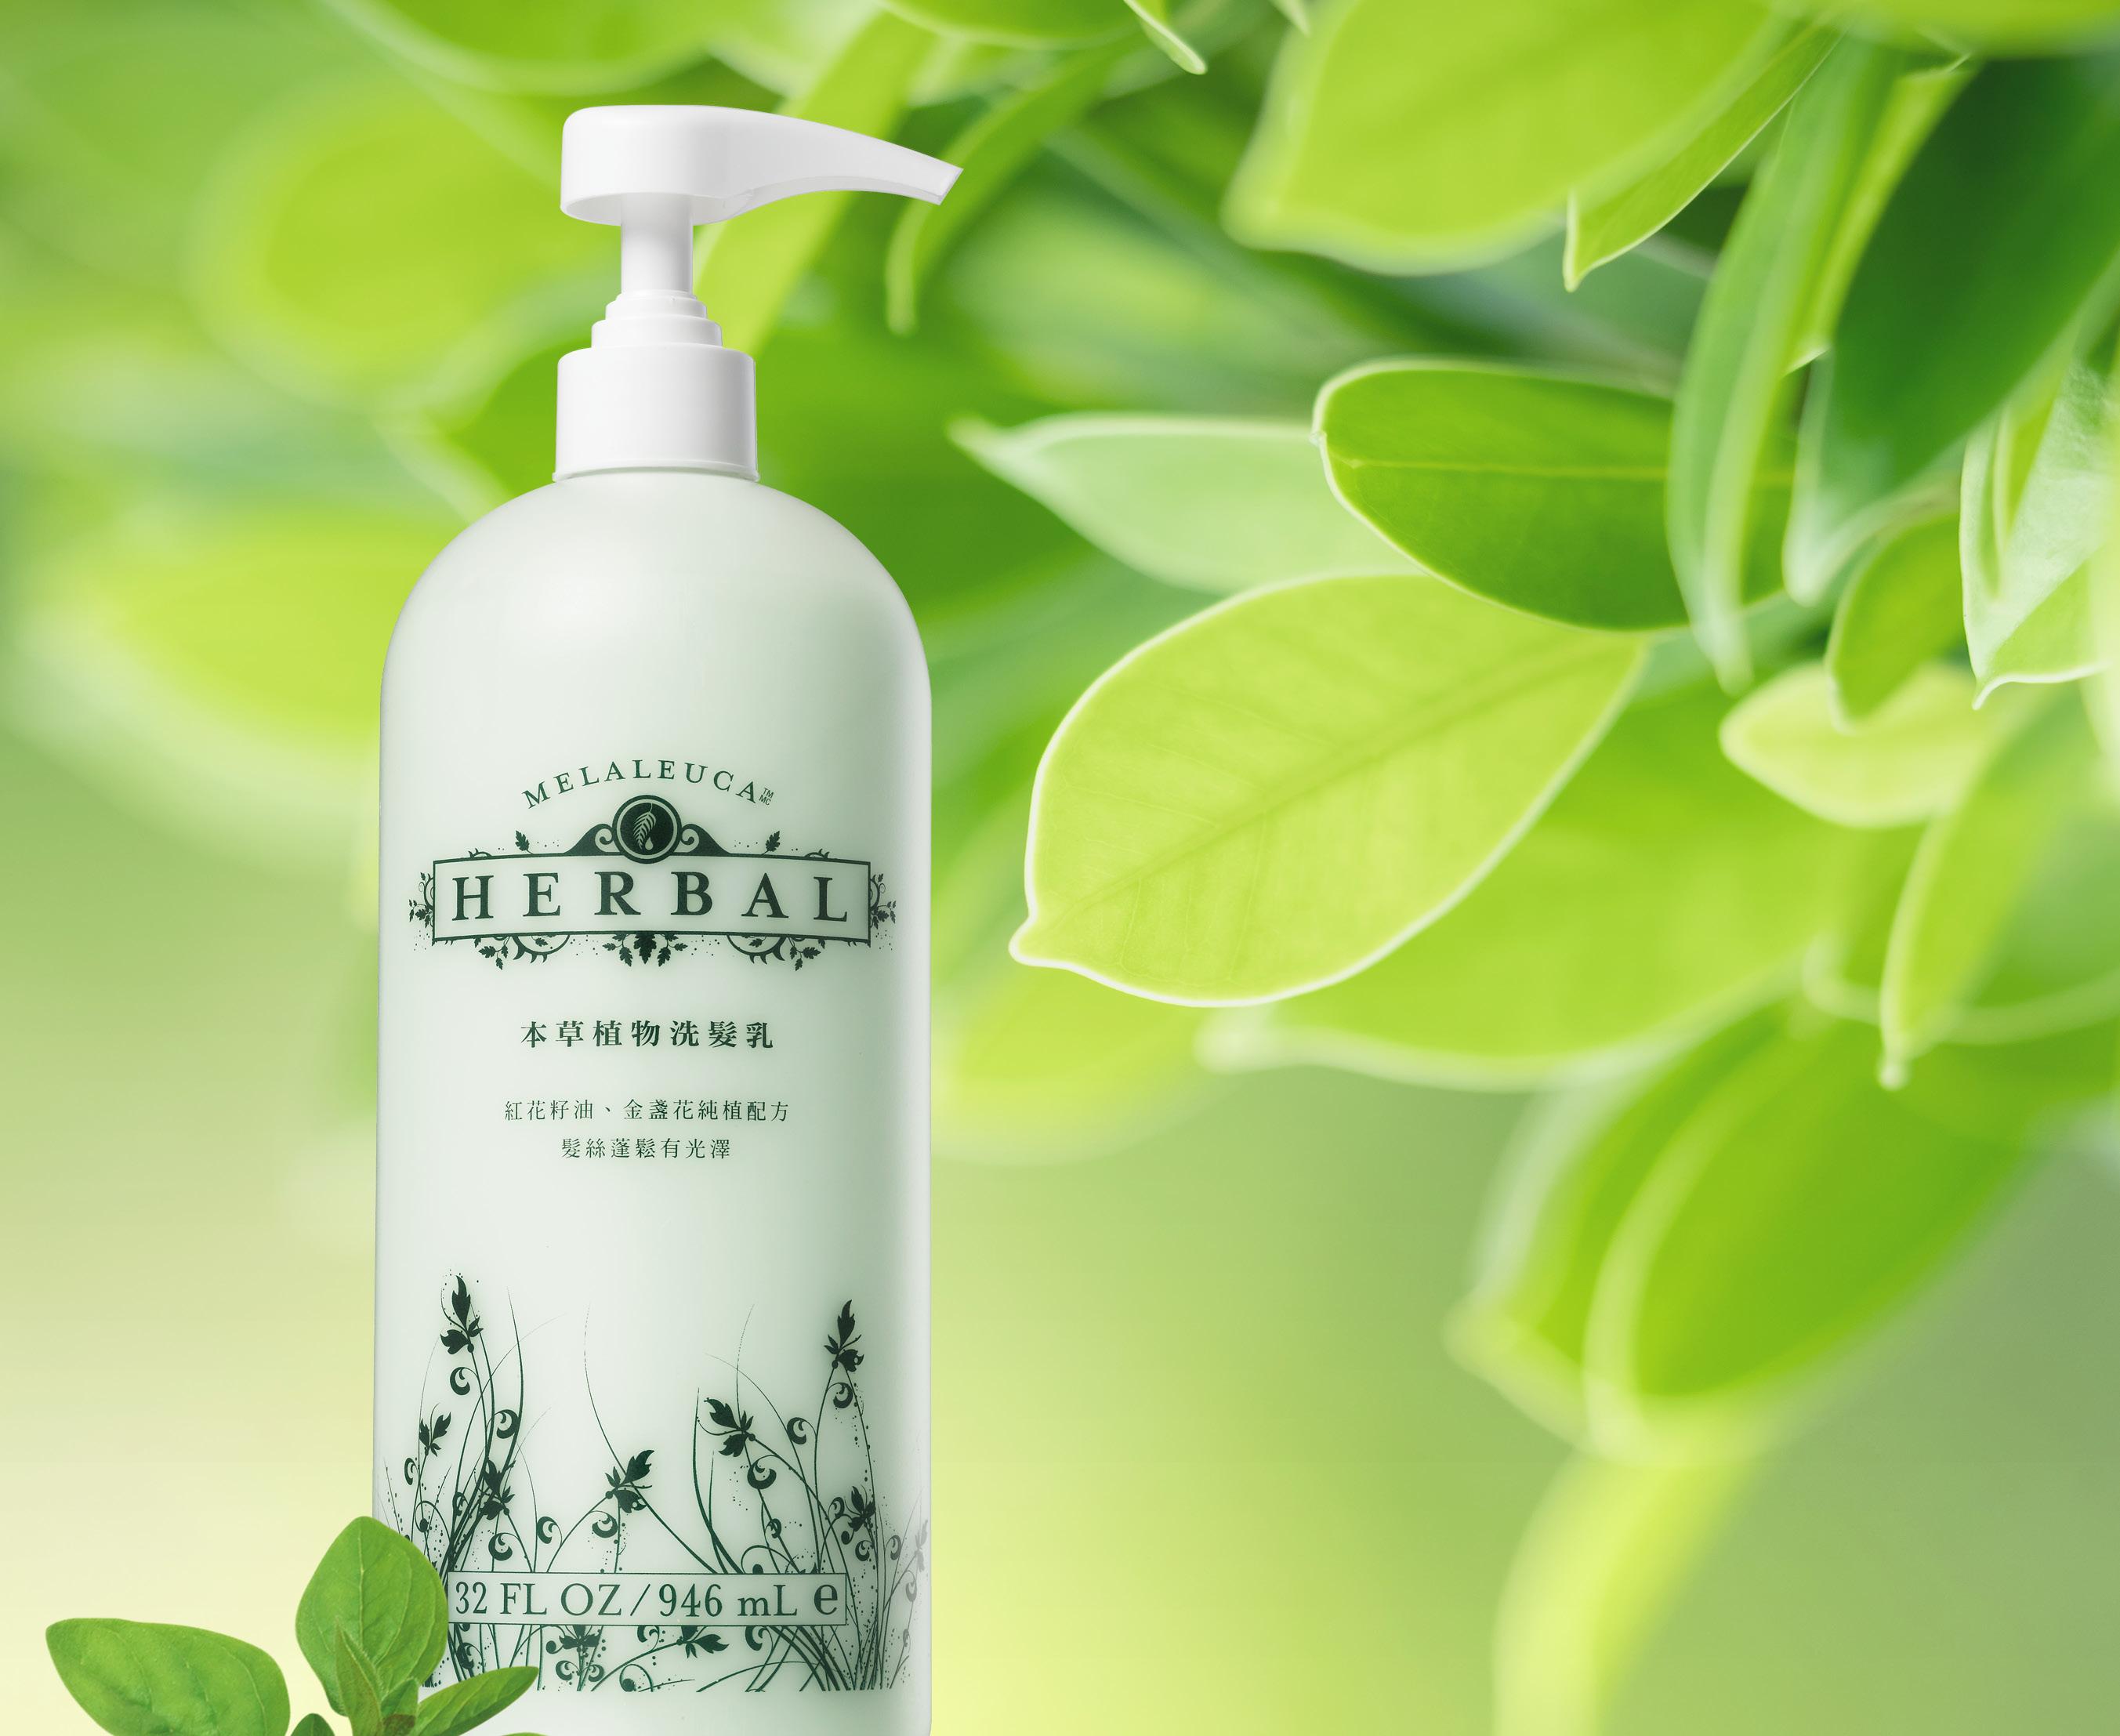 本草植物洗髮乳 會員美麗秀髮見證